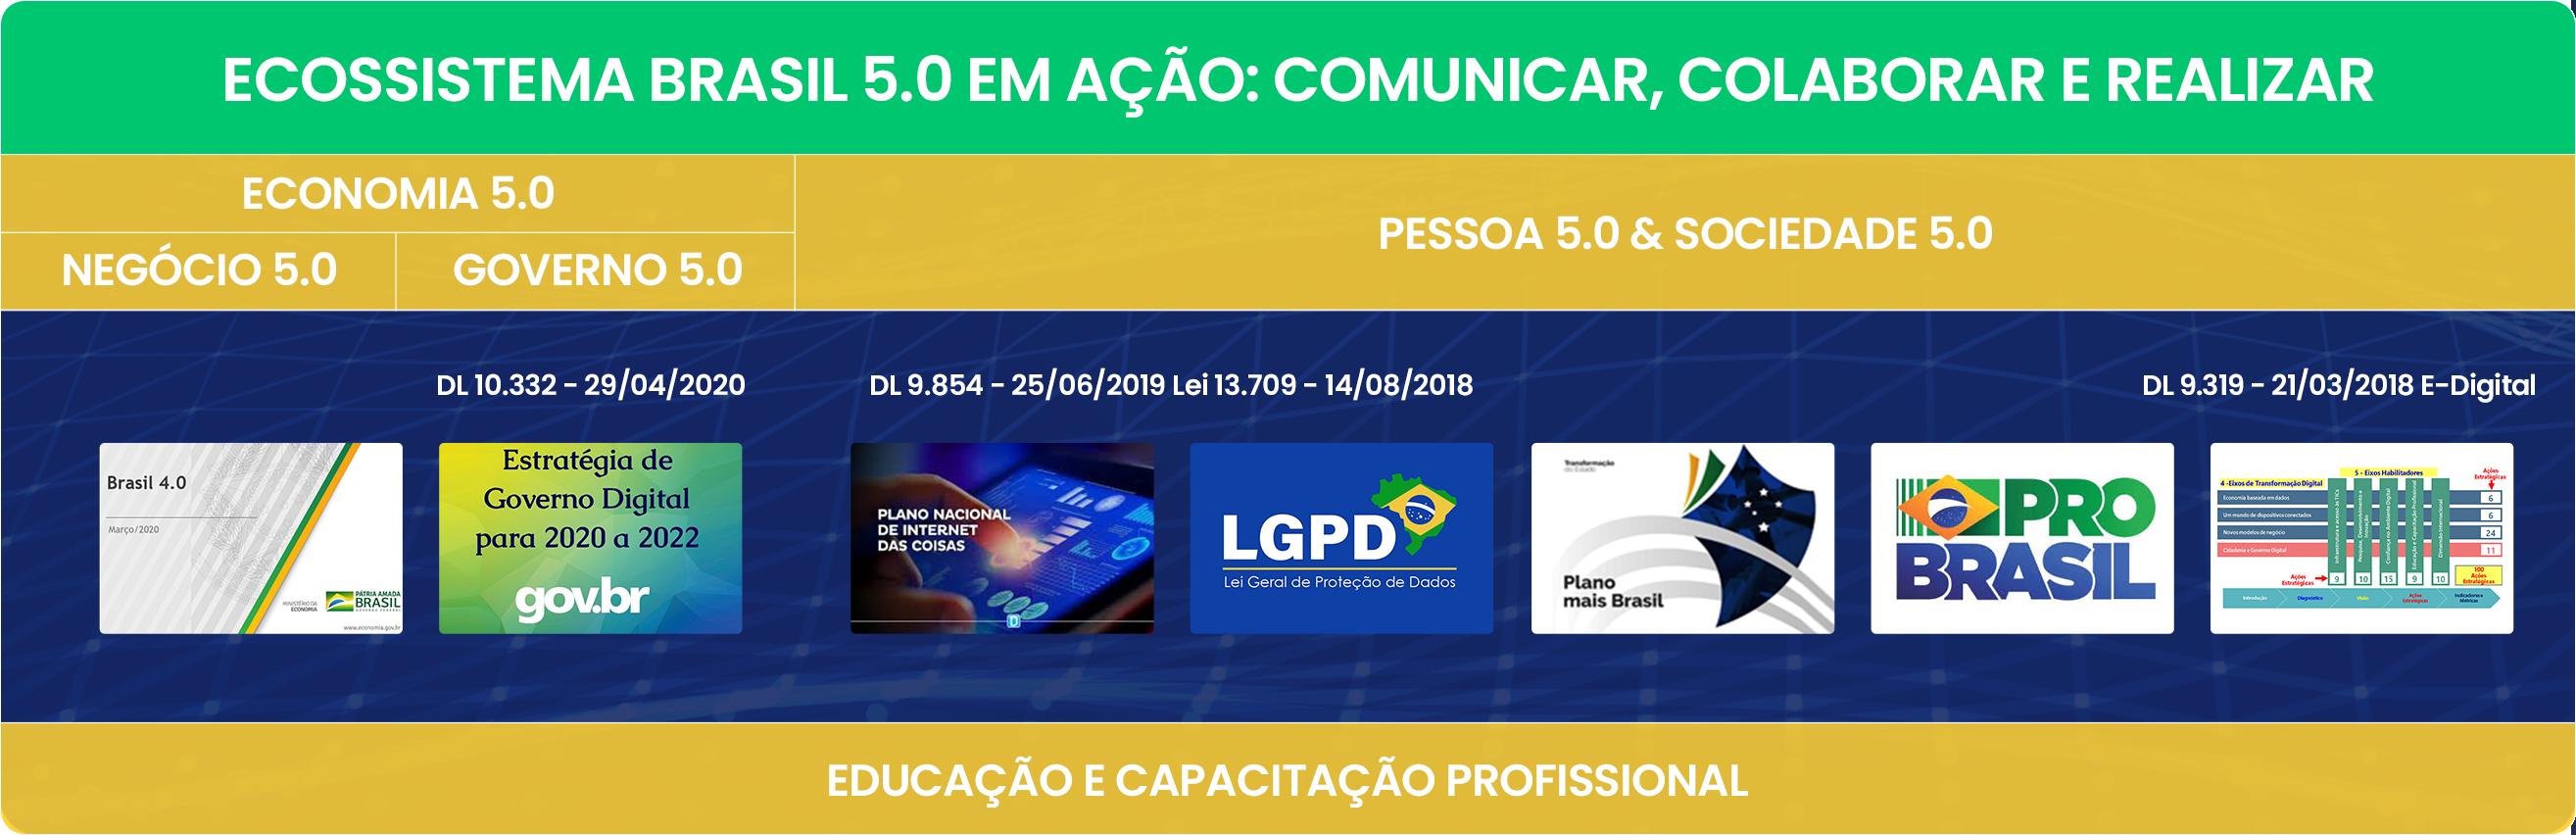 Ecossistema Brasil 5.0 em Ação